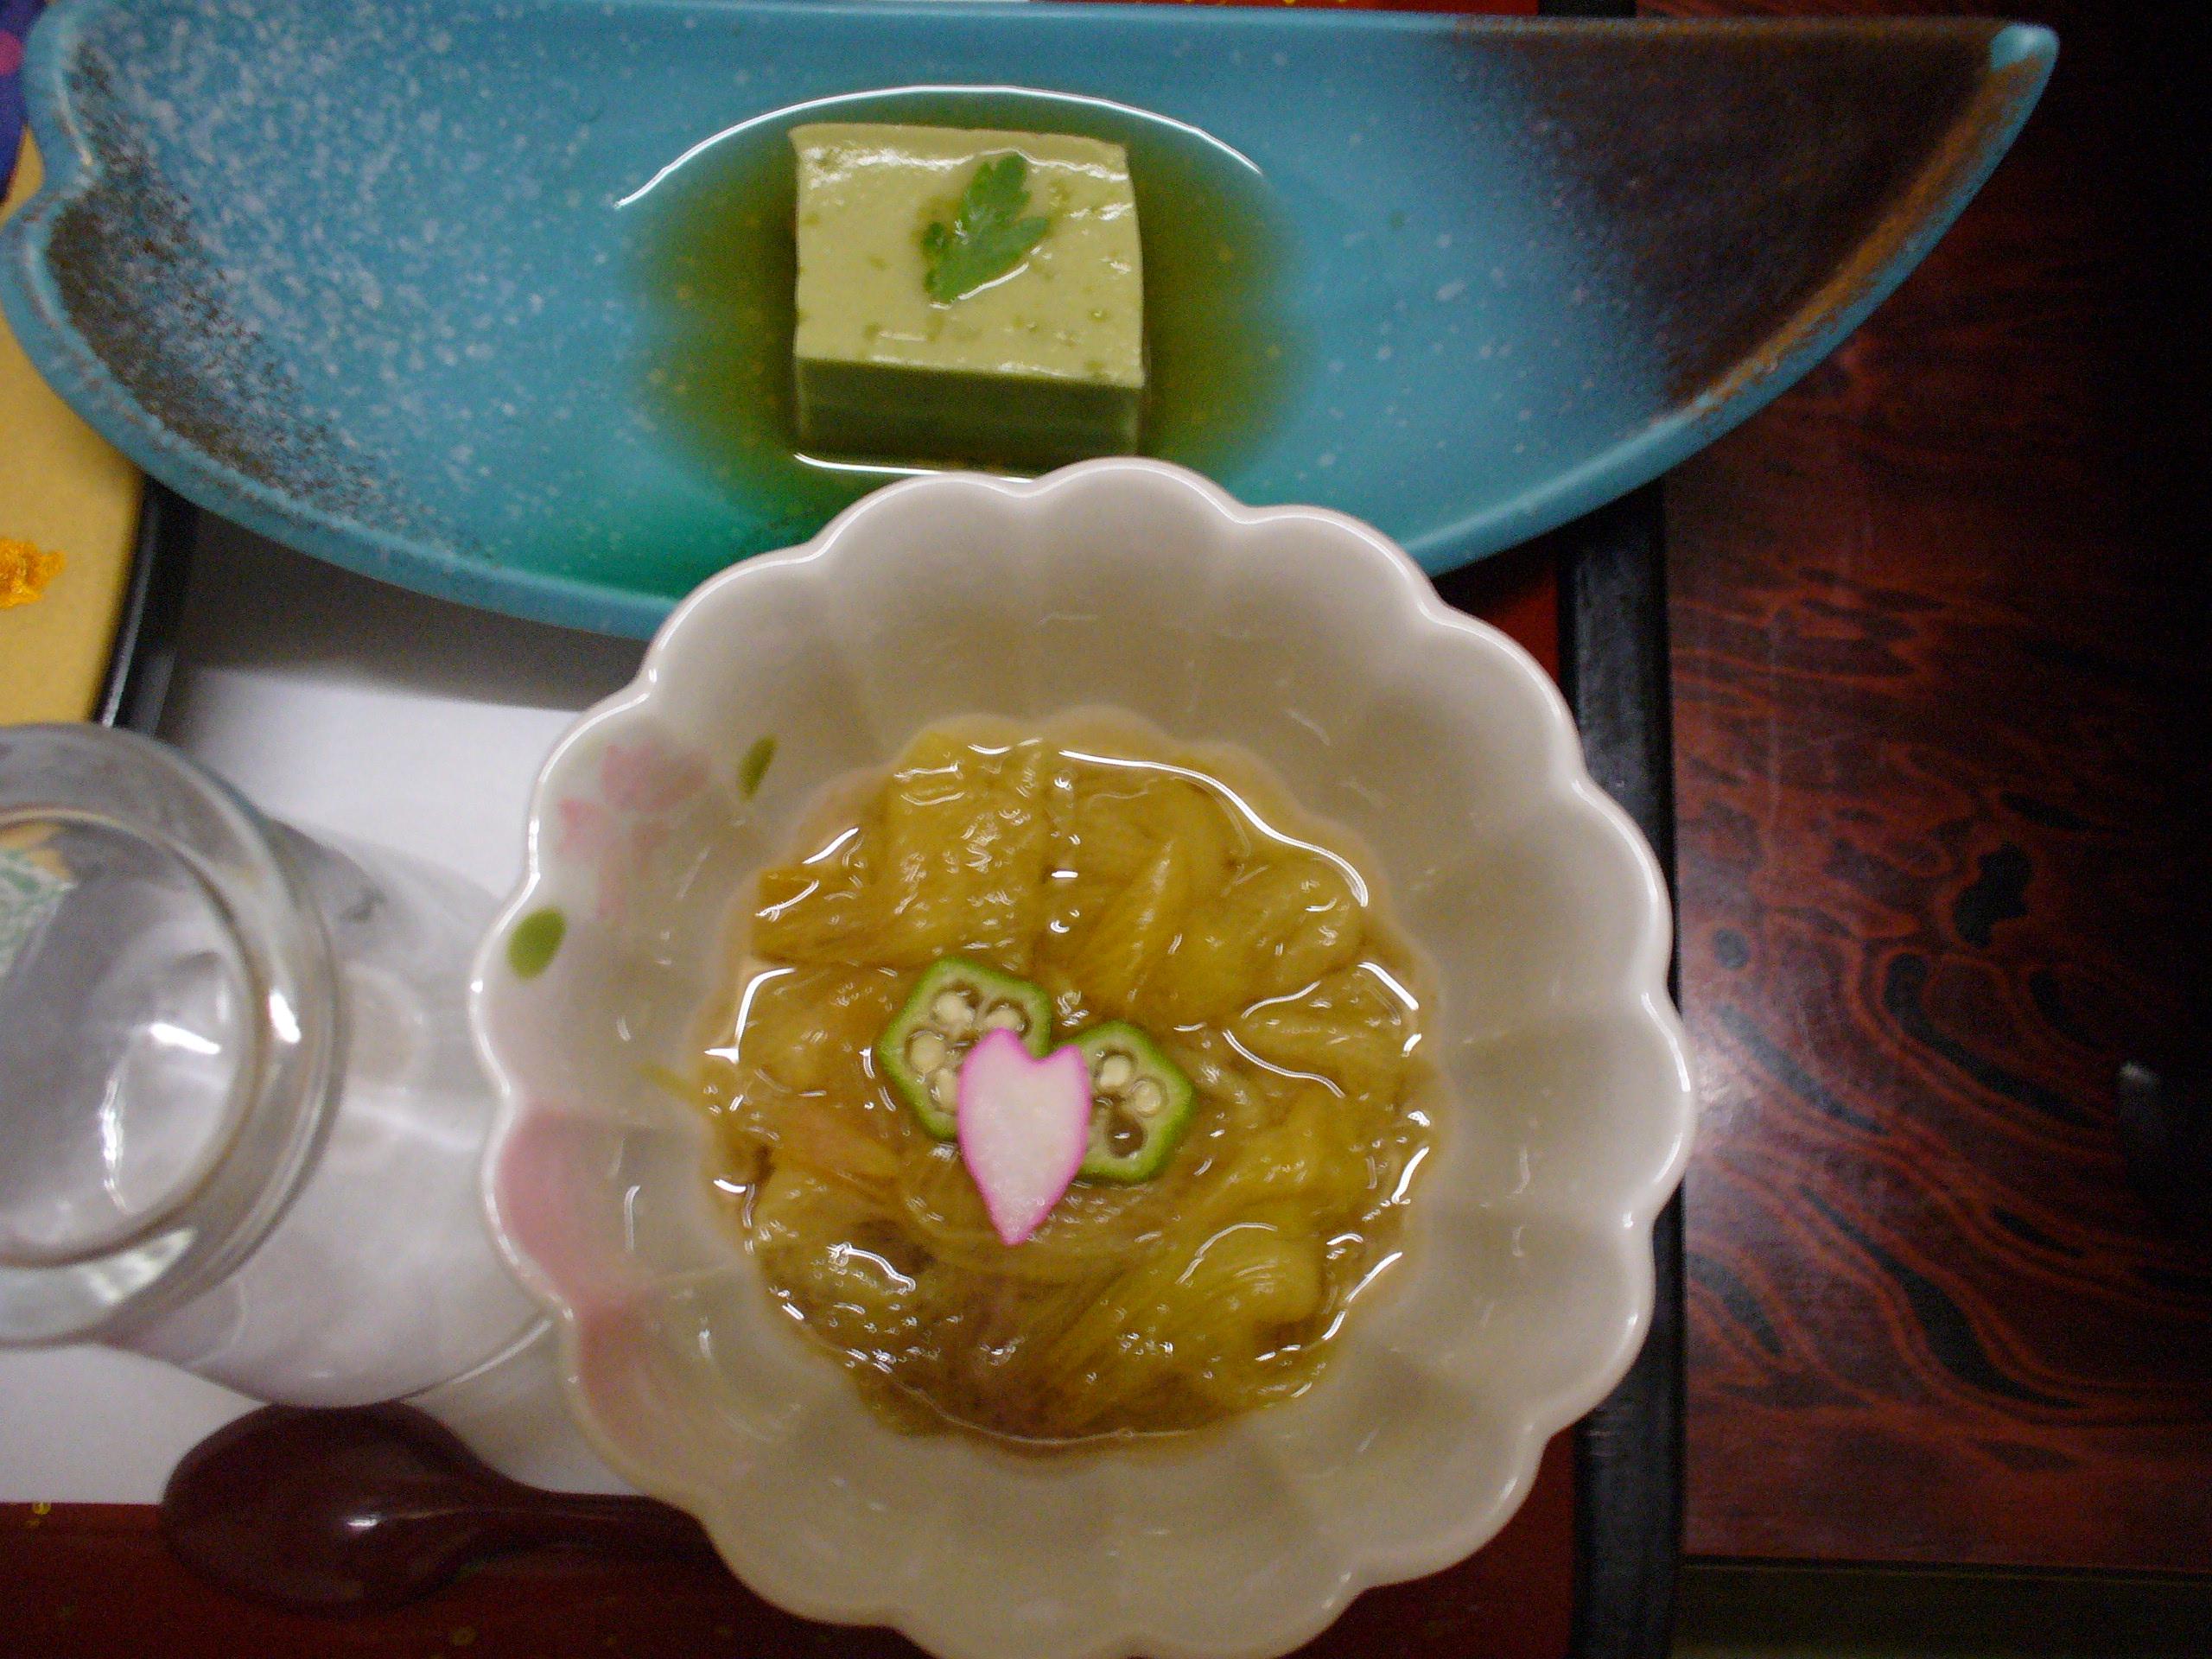 めずらしい、ヤマオクラの酢の物。奥に見えるのは、枝豆豆腐。